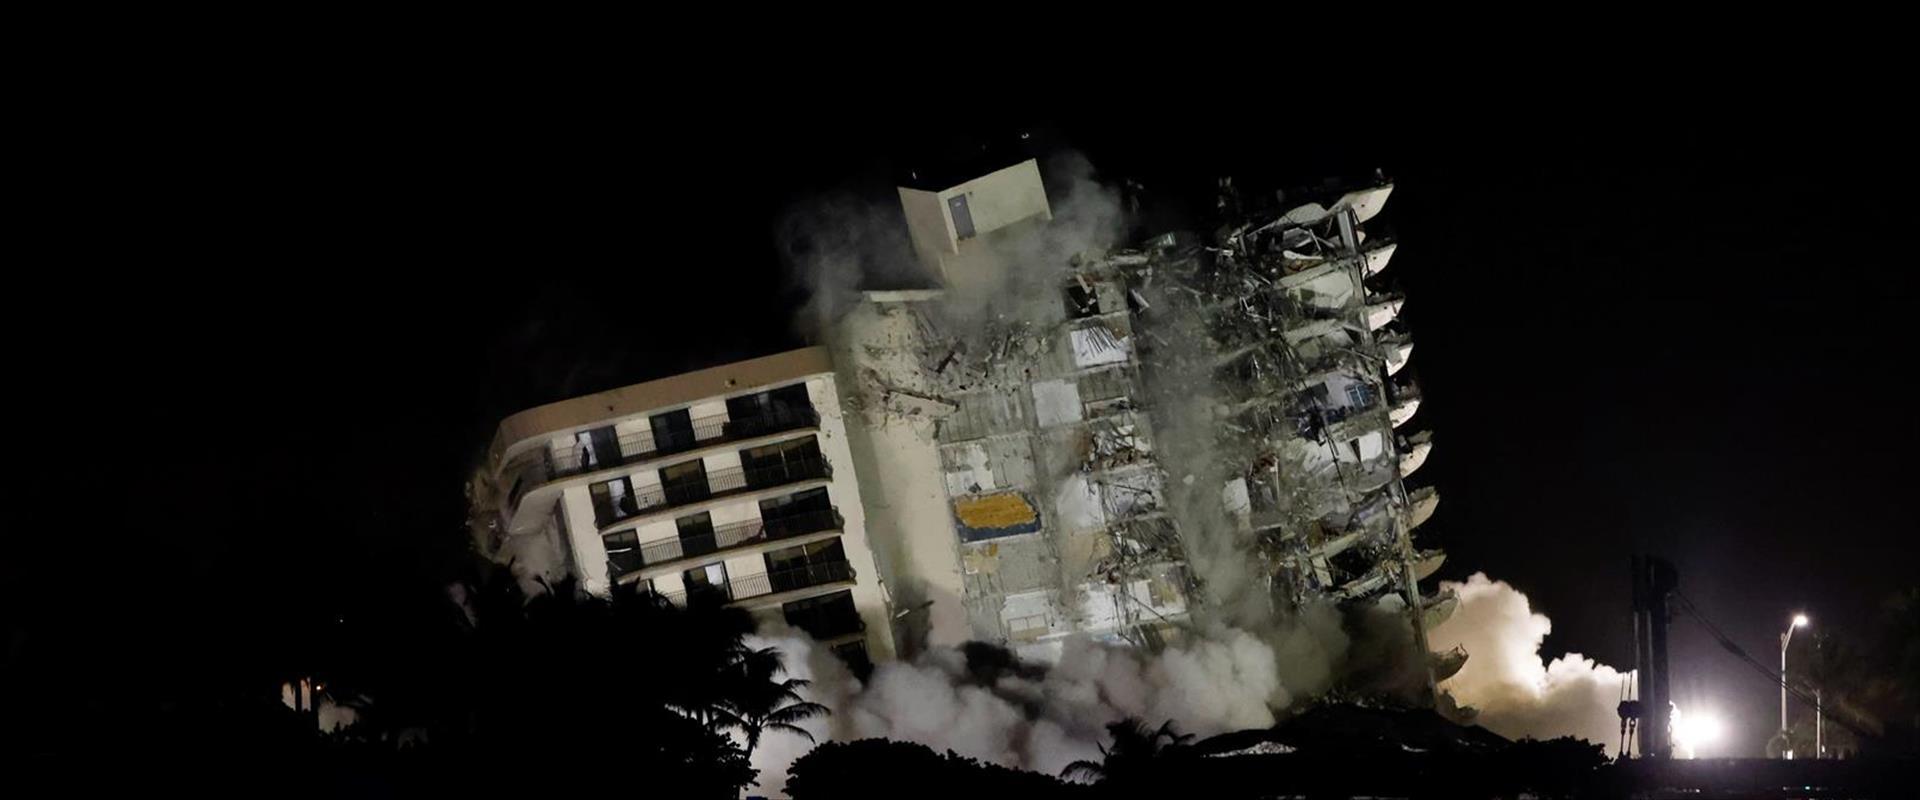 הרס הבניין במיאמי